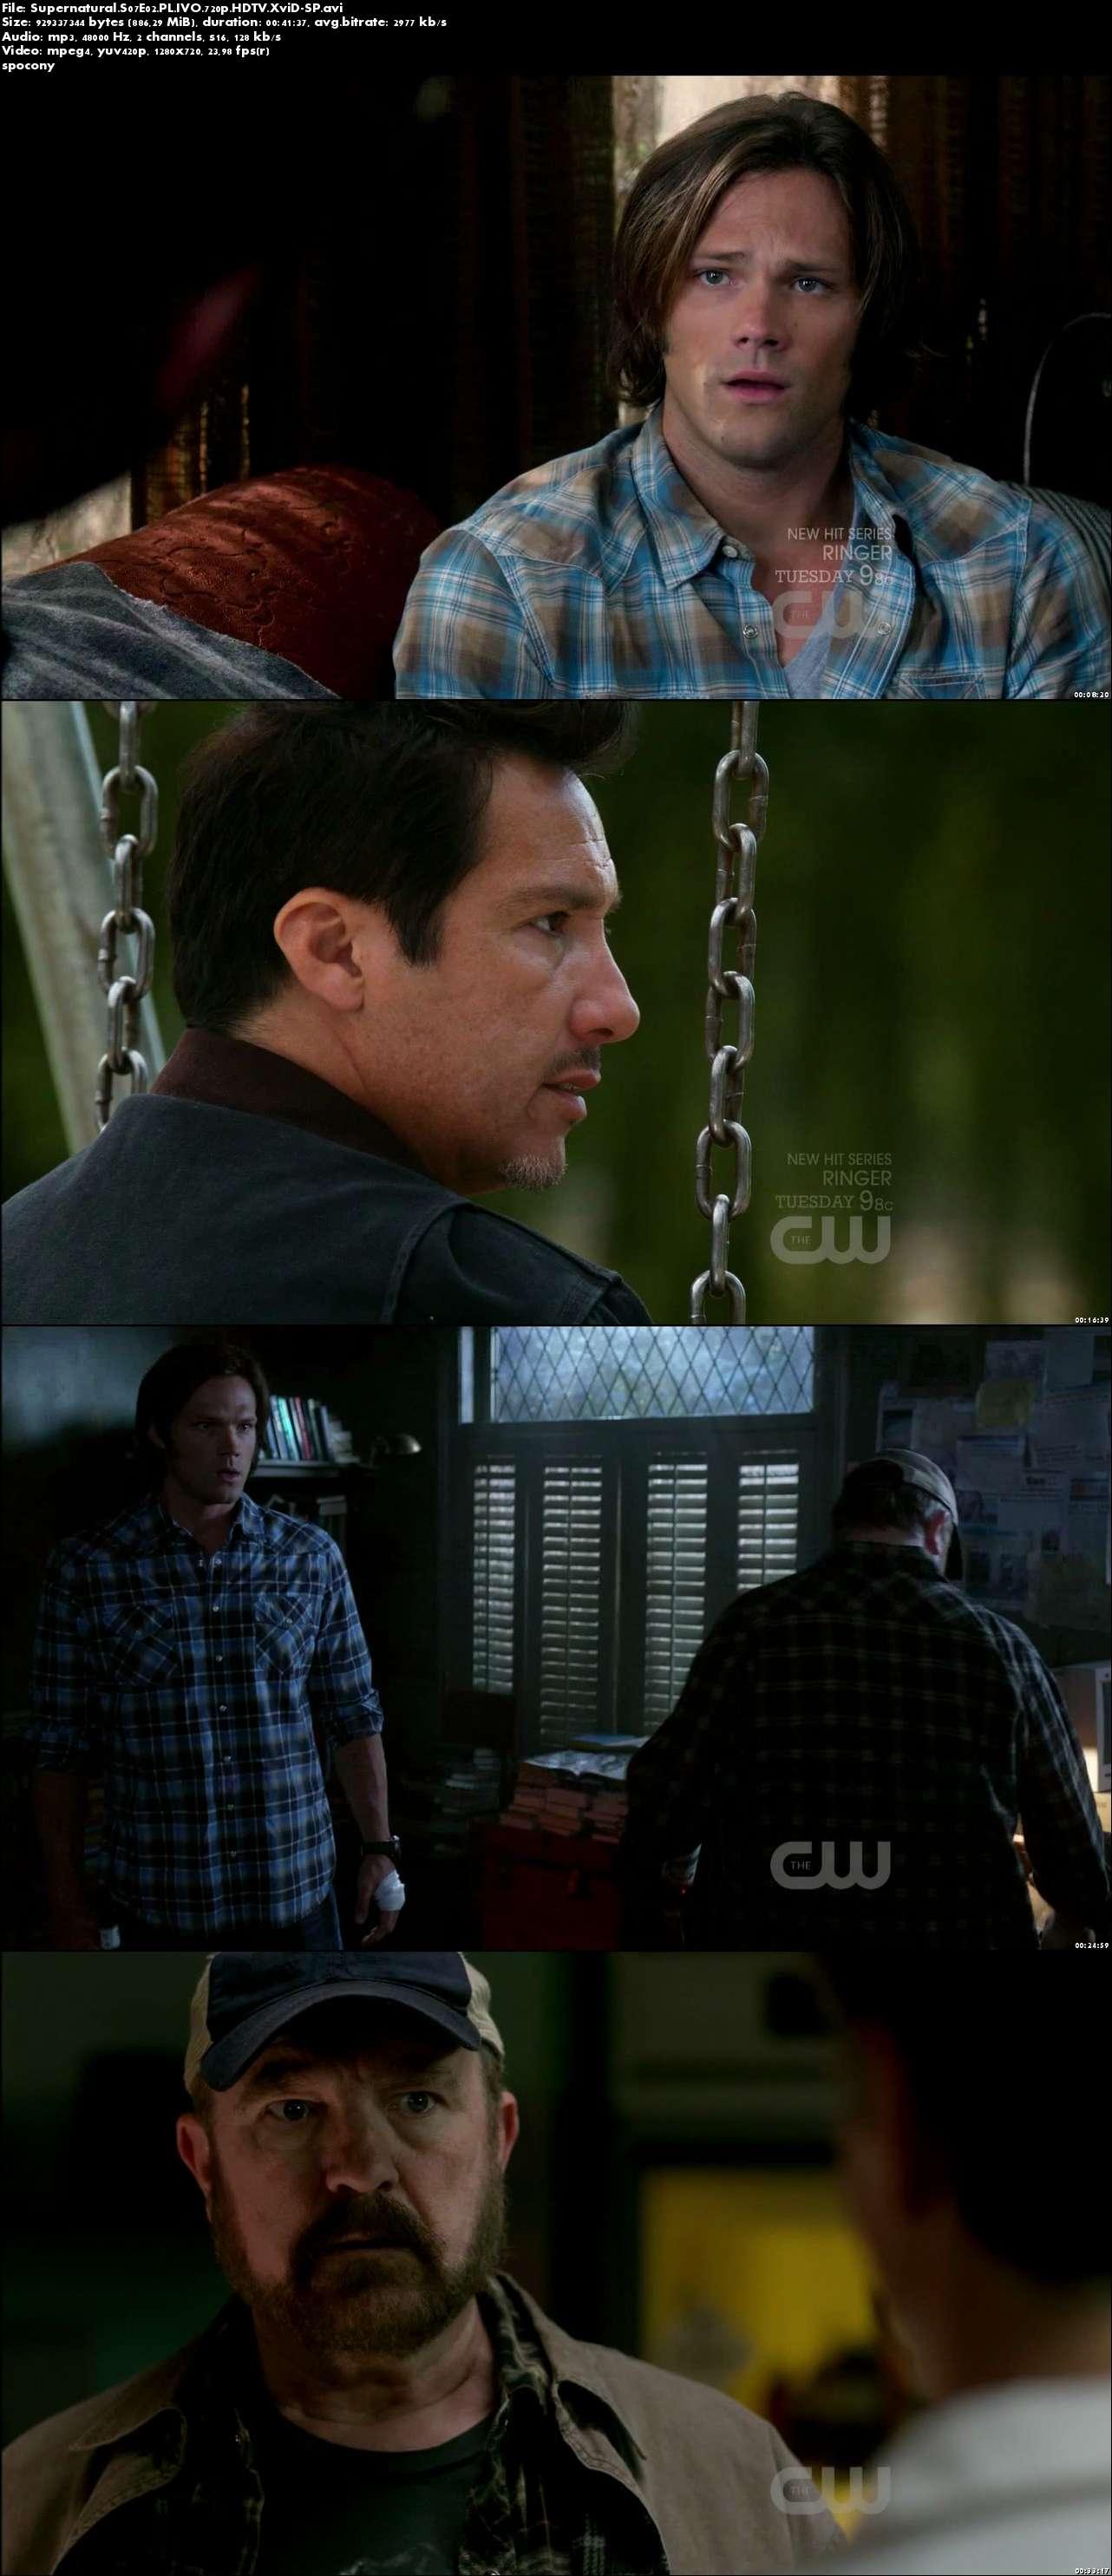 Nie z tego świata / Supernatural (2011) {Sezon 7} (Pełen sezon) PL.IVO.720p.HDTV.XviD-SP [Lektor PL-IVO]